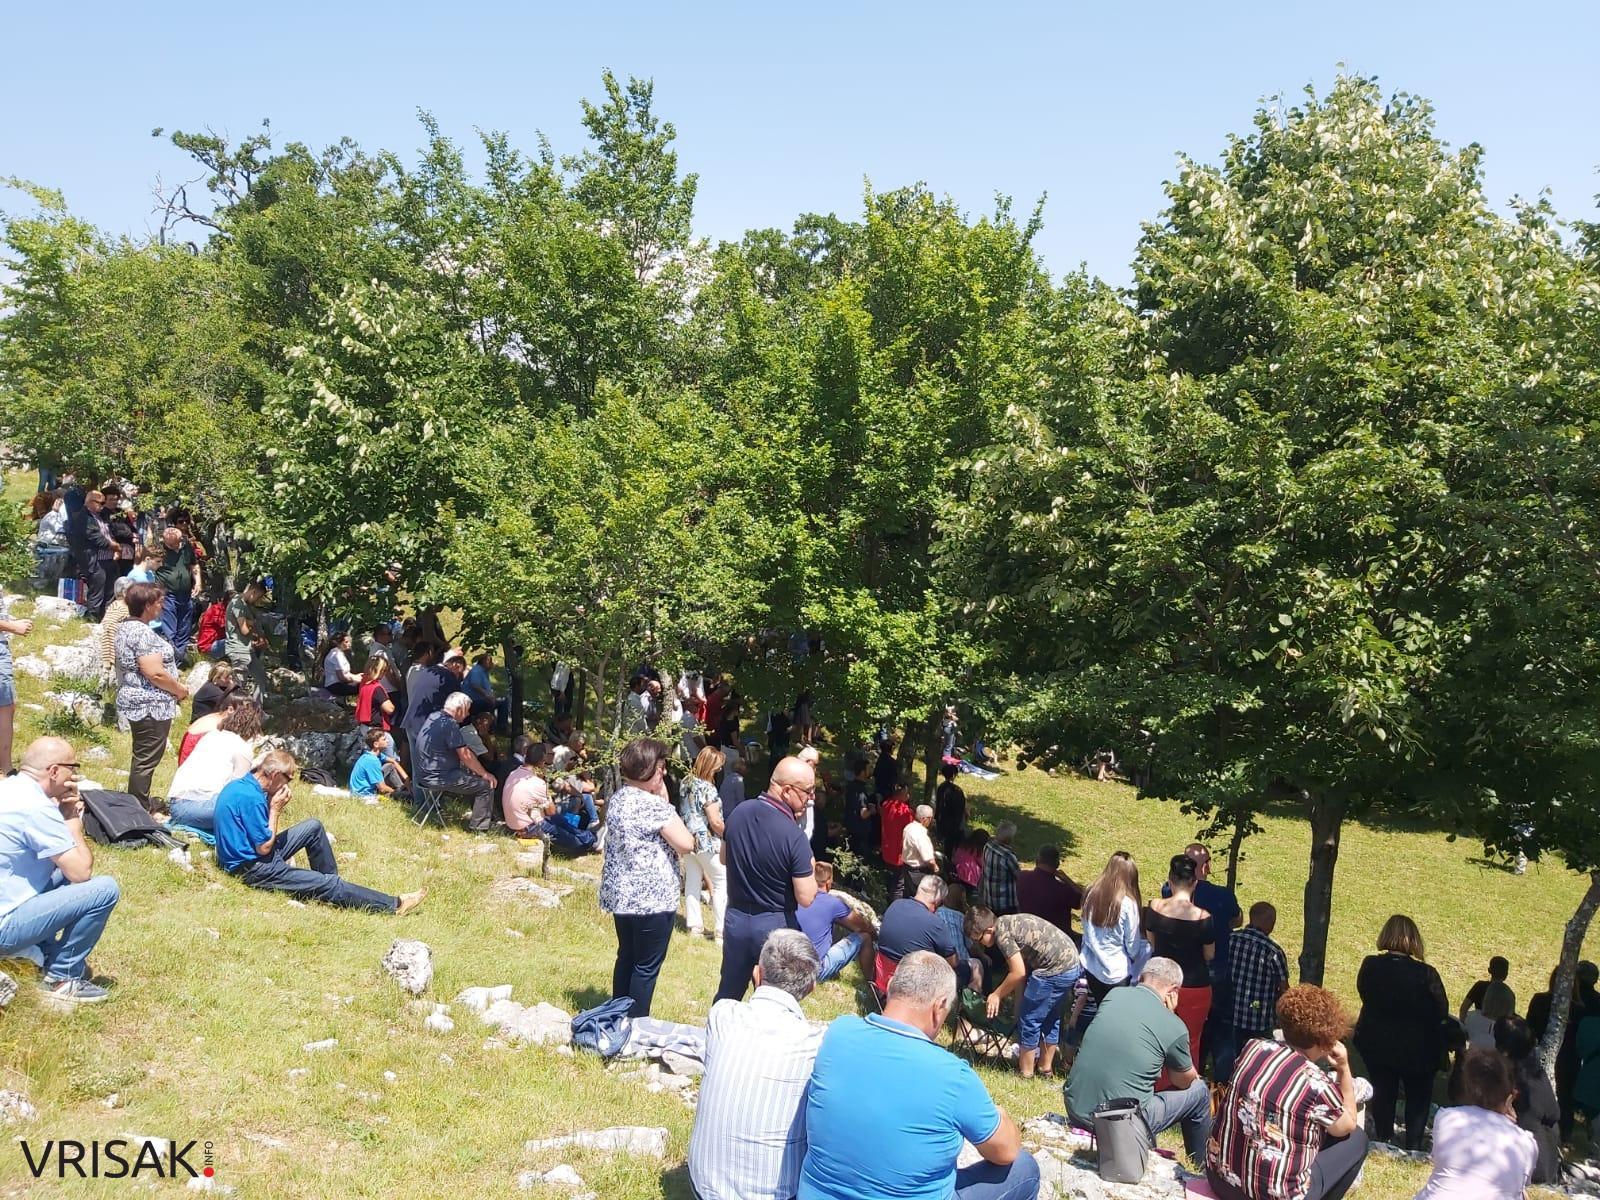 Održana sveta Misa na Misištu na Bilima - Vrisak.info